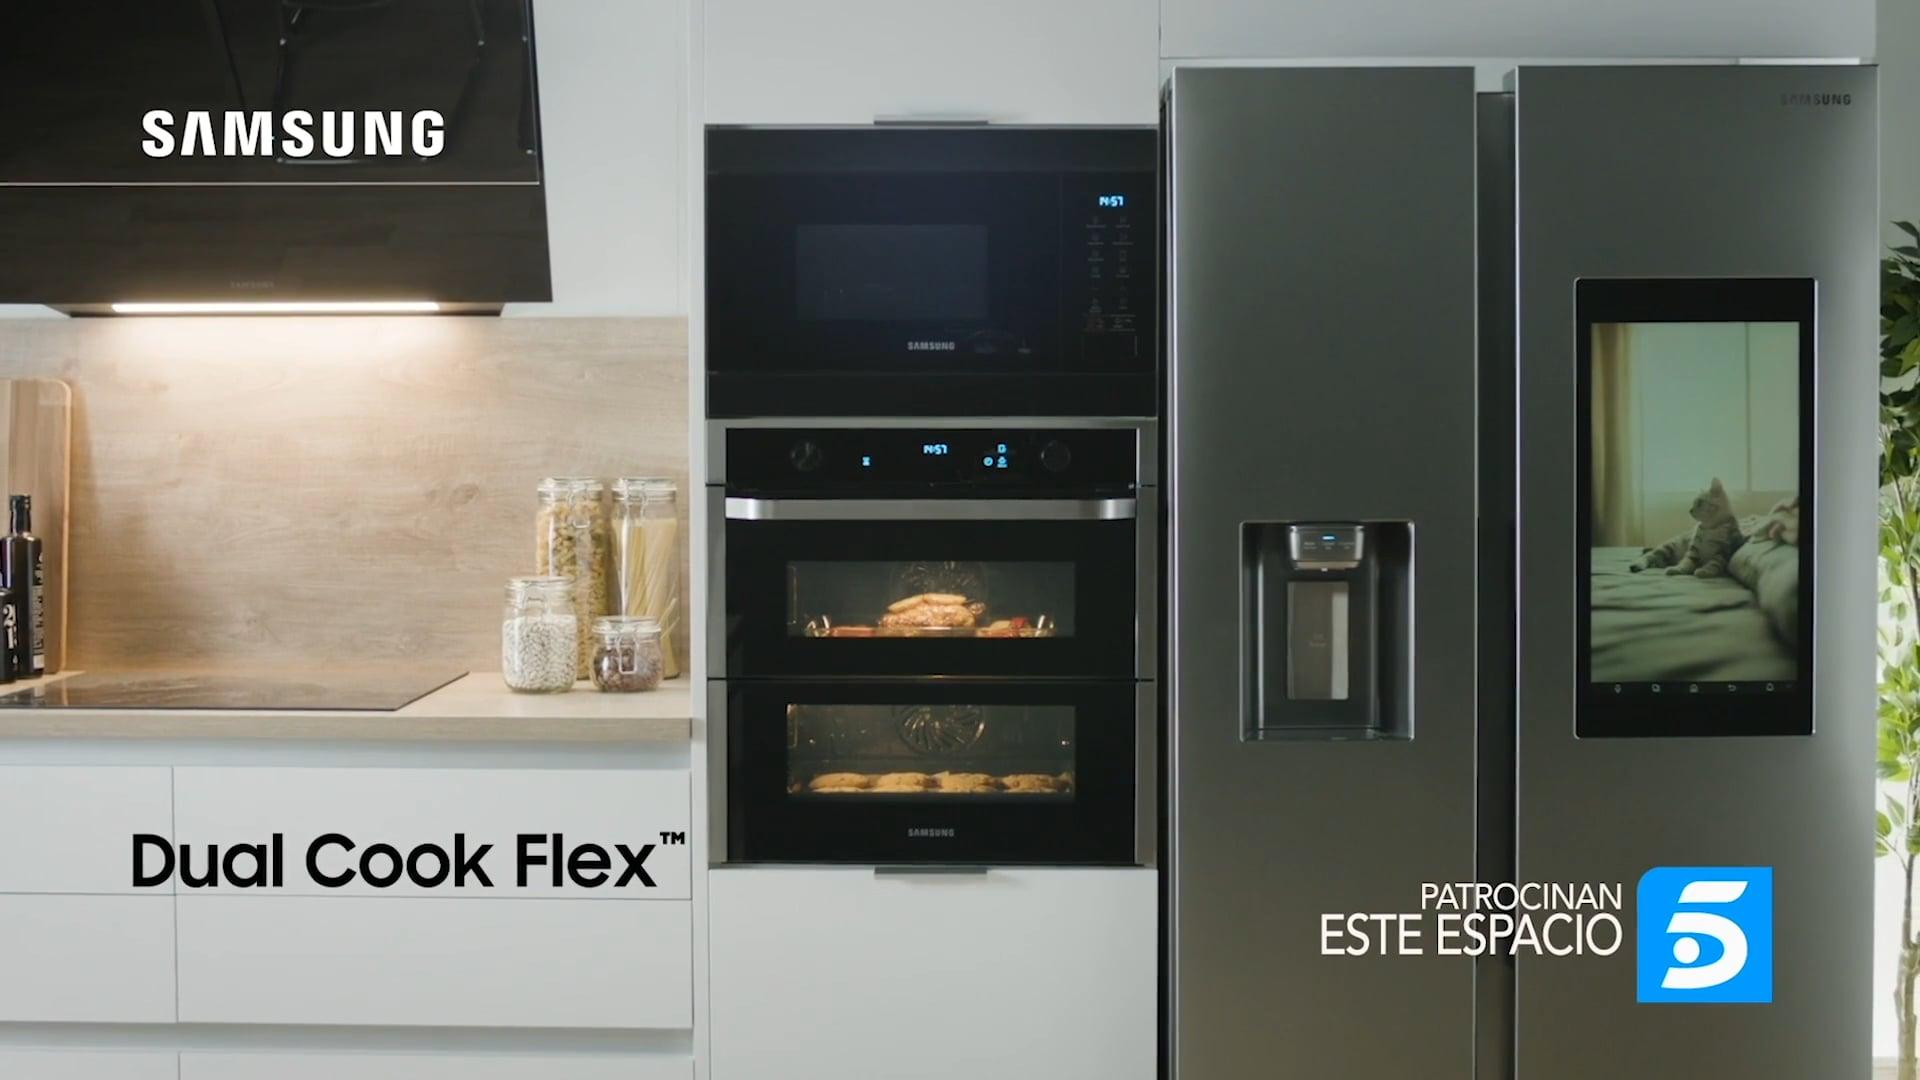 SAMSUNG Horno Dual Cook Flex